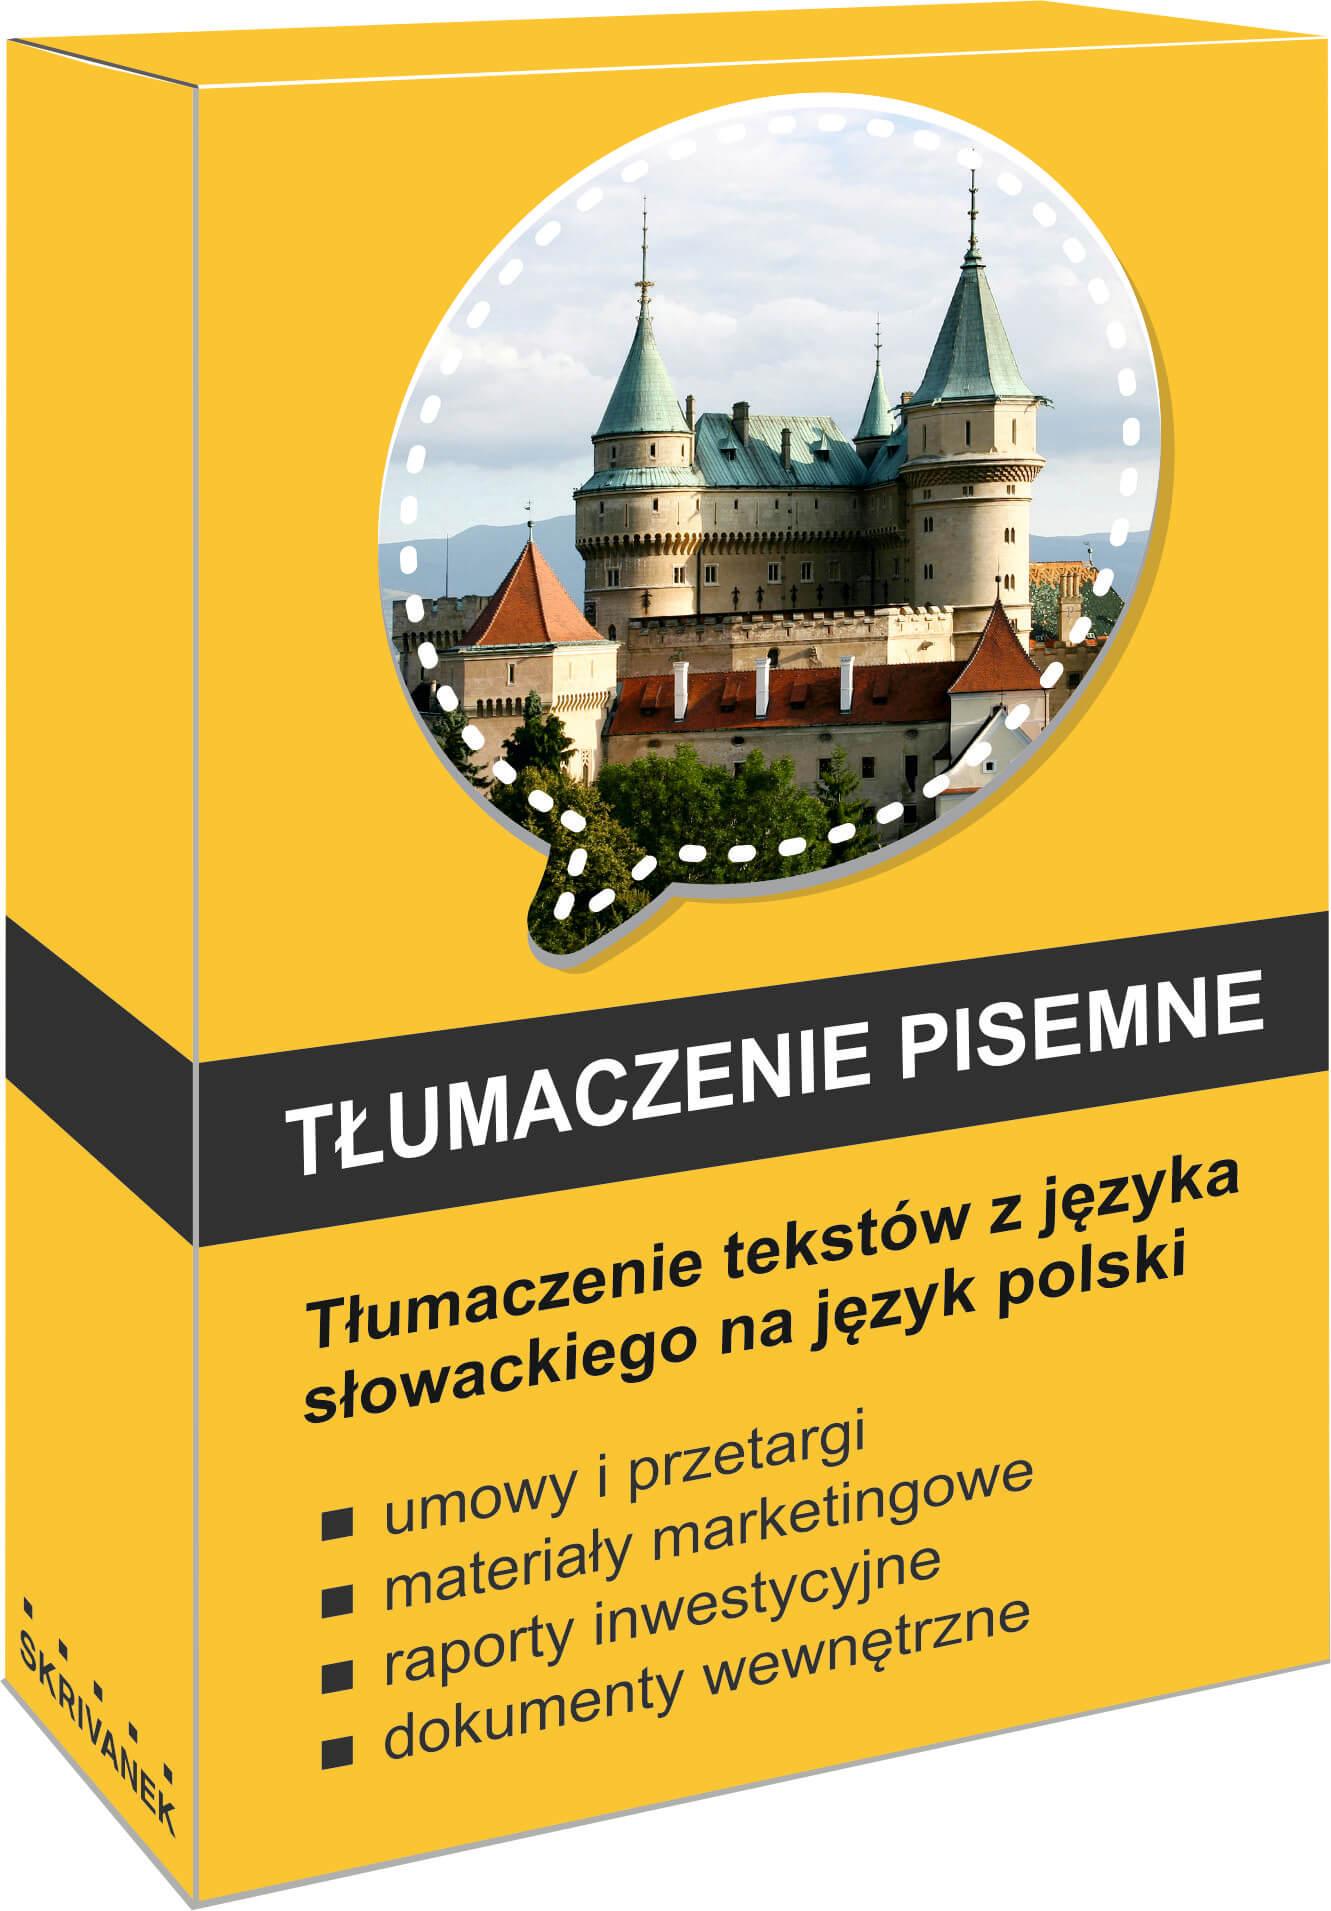 tłumacz języka słowackiego